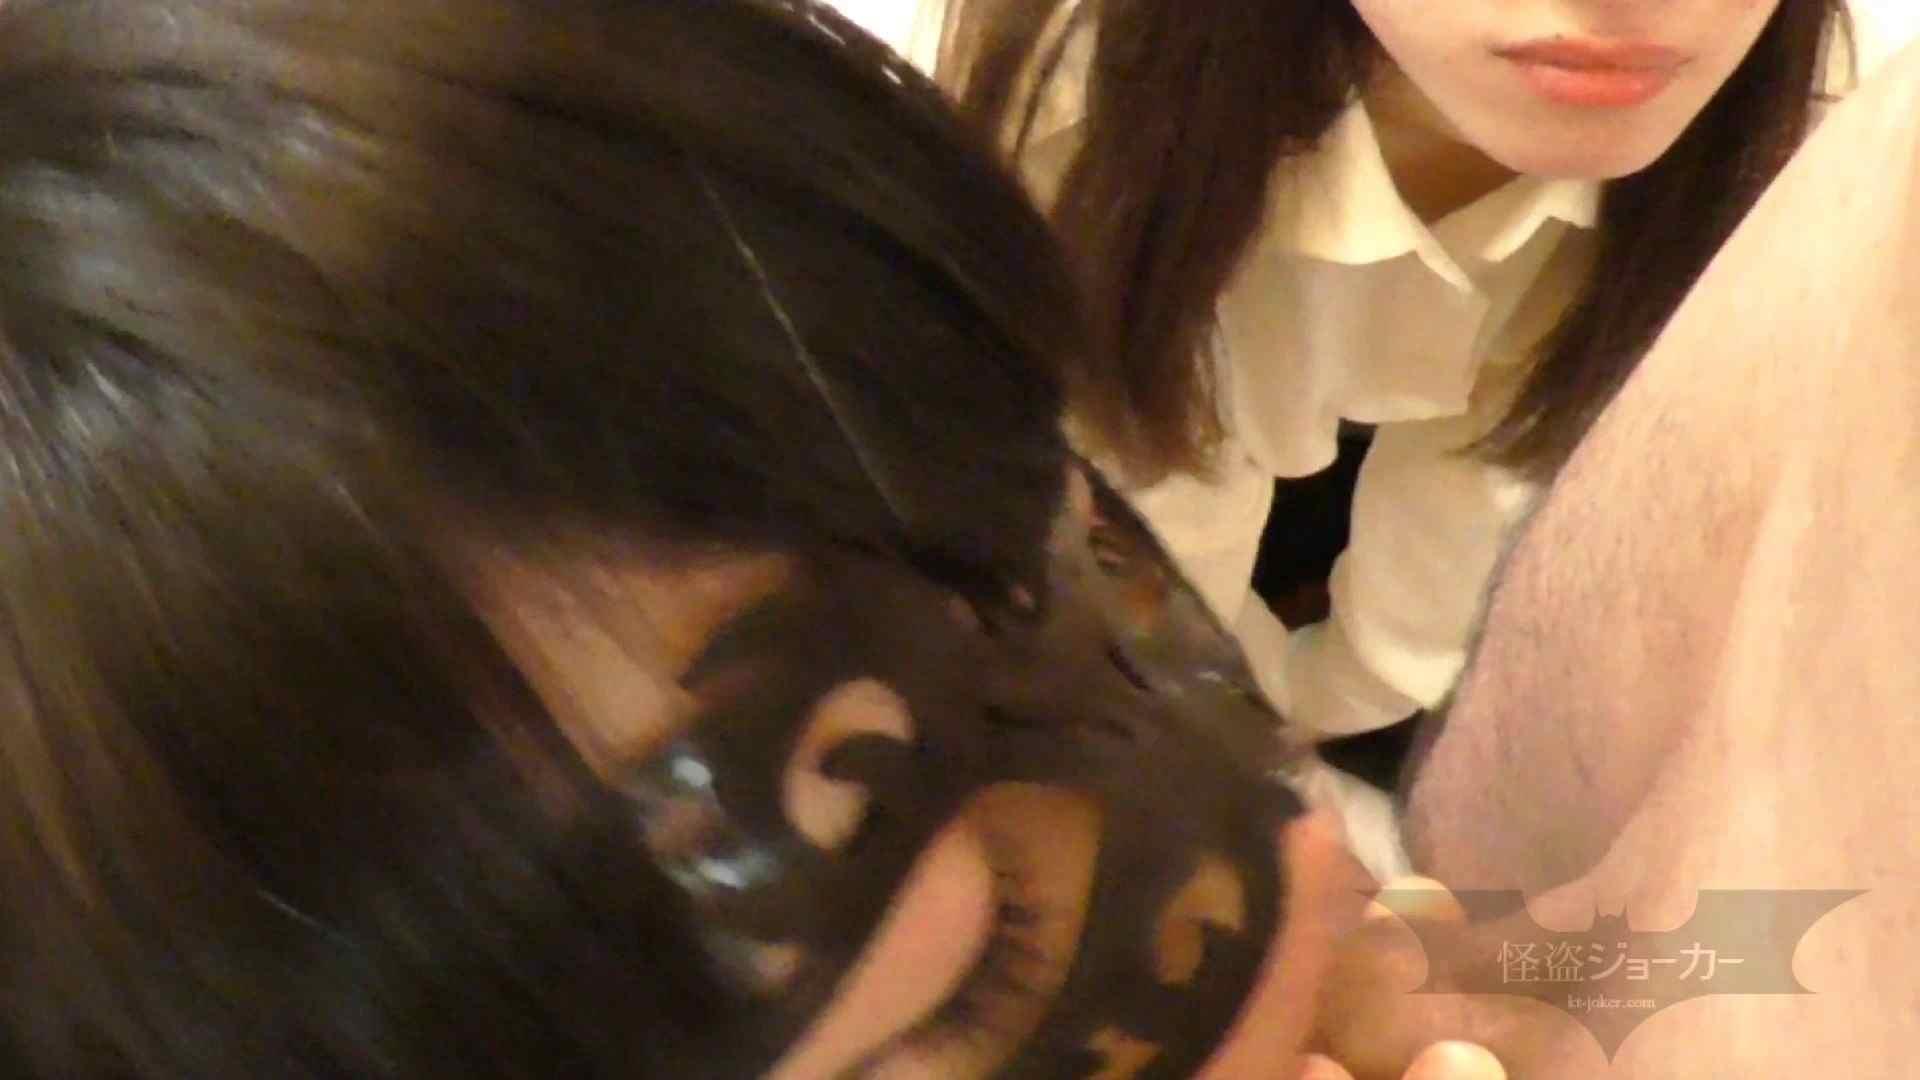 無修正エロ動画|パンツを売る女 Vol.16 2人のSEIFUKUが1本の棒にしゃぶりついてます|怪盗ジョーカー